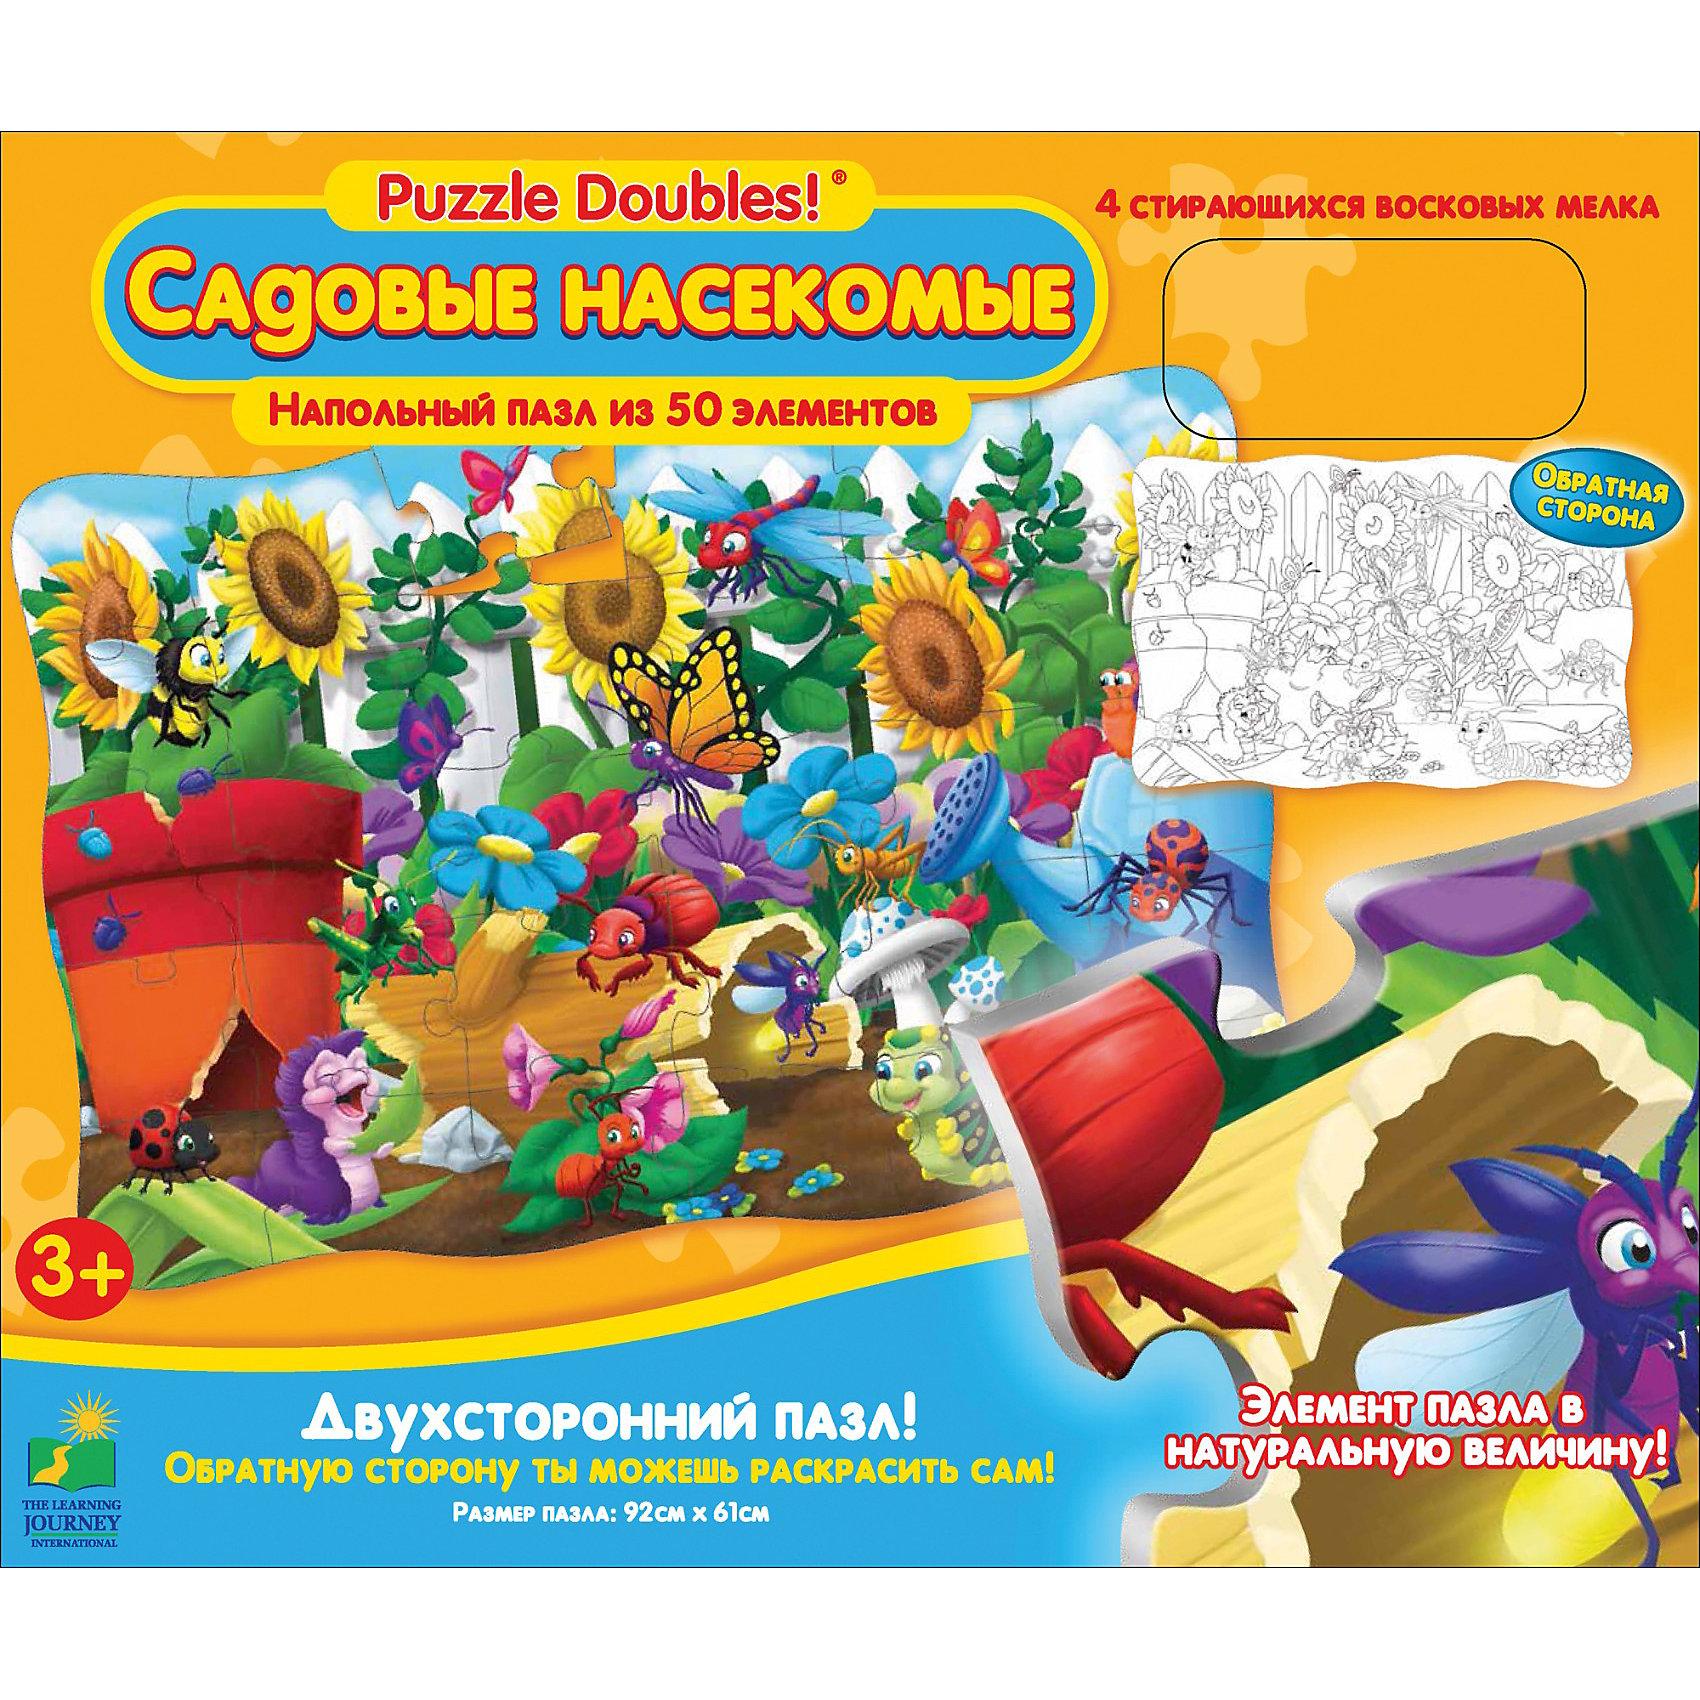 Настольная игра Садовые насекомые: Веселые Жуки, пазл 50 деталей, 4 карандаша (от 3-х лет)